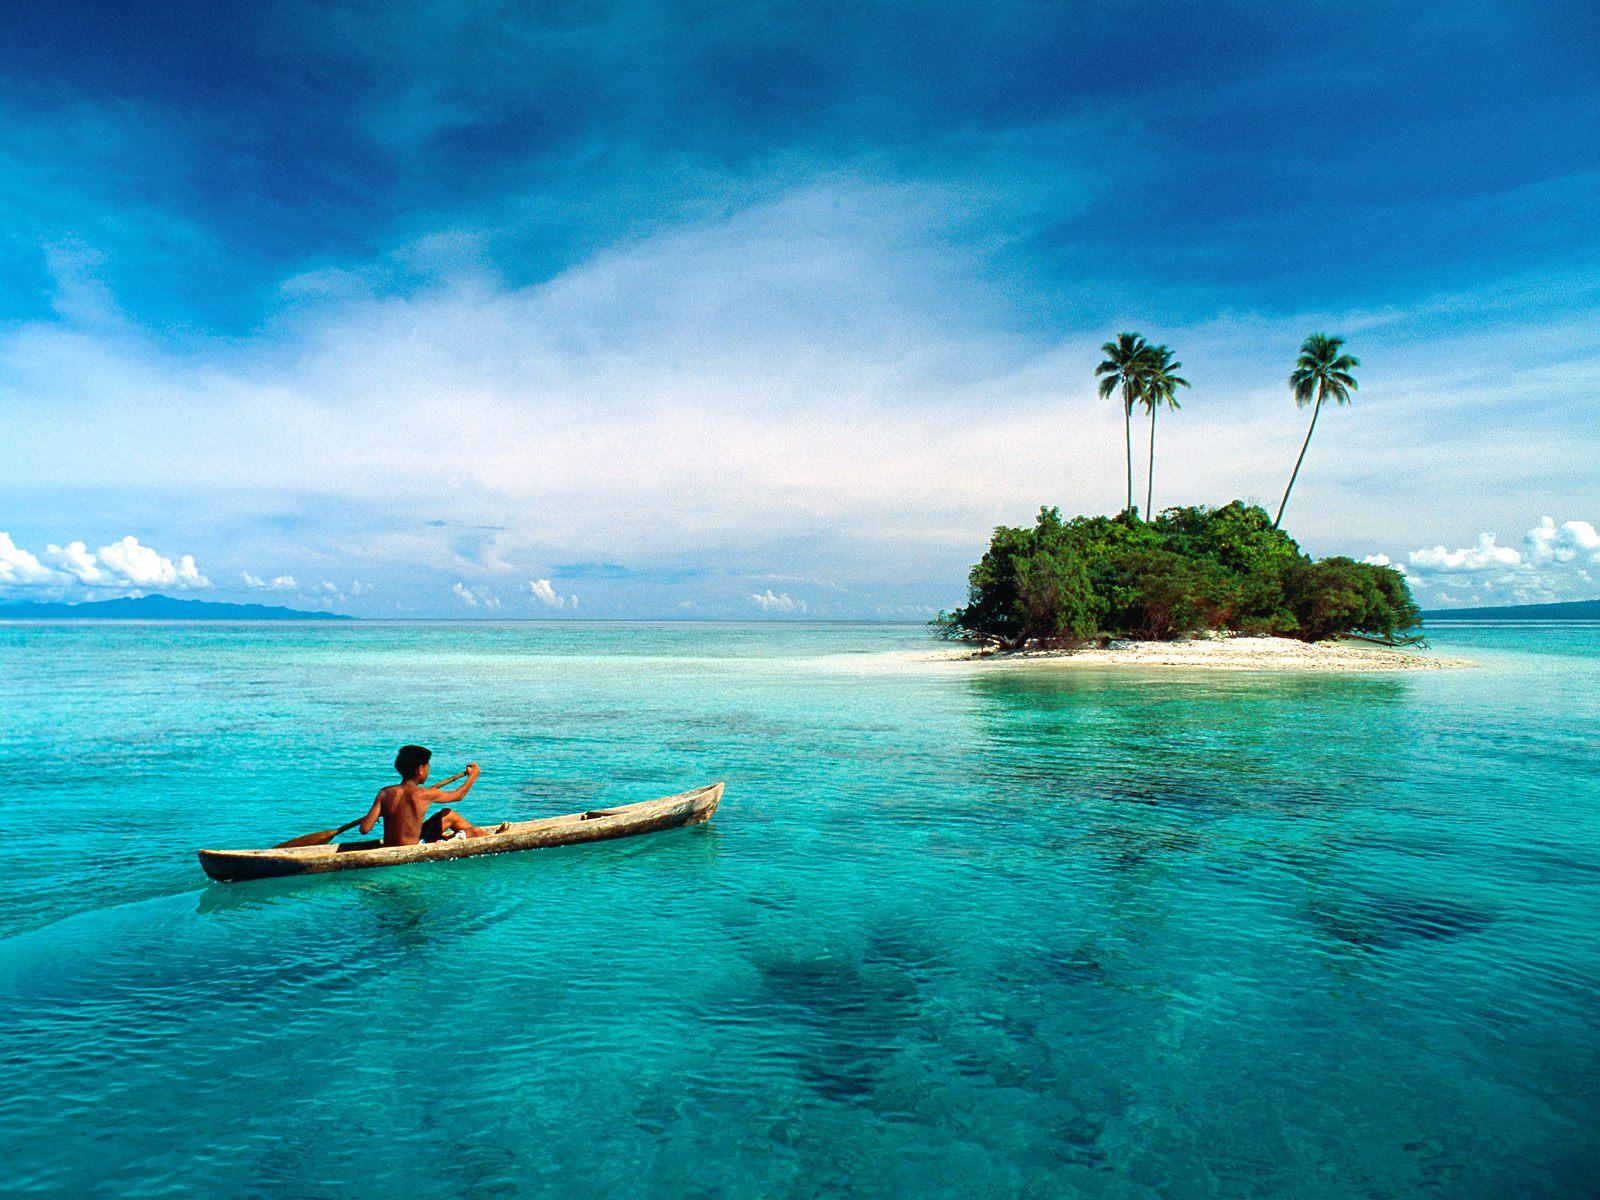 http://1.bp.blogspot.com/-ww0g9JV-kQk/UFsaAgZh0LI/AAAAAAAAC5Y/h066hD5J8FE/s1600/Solomon+Islands,+South+Pacific.jpeg